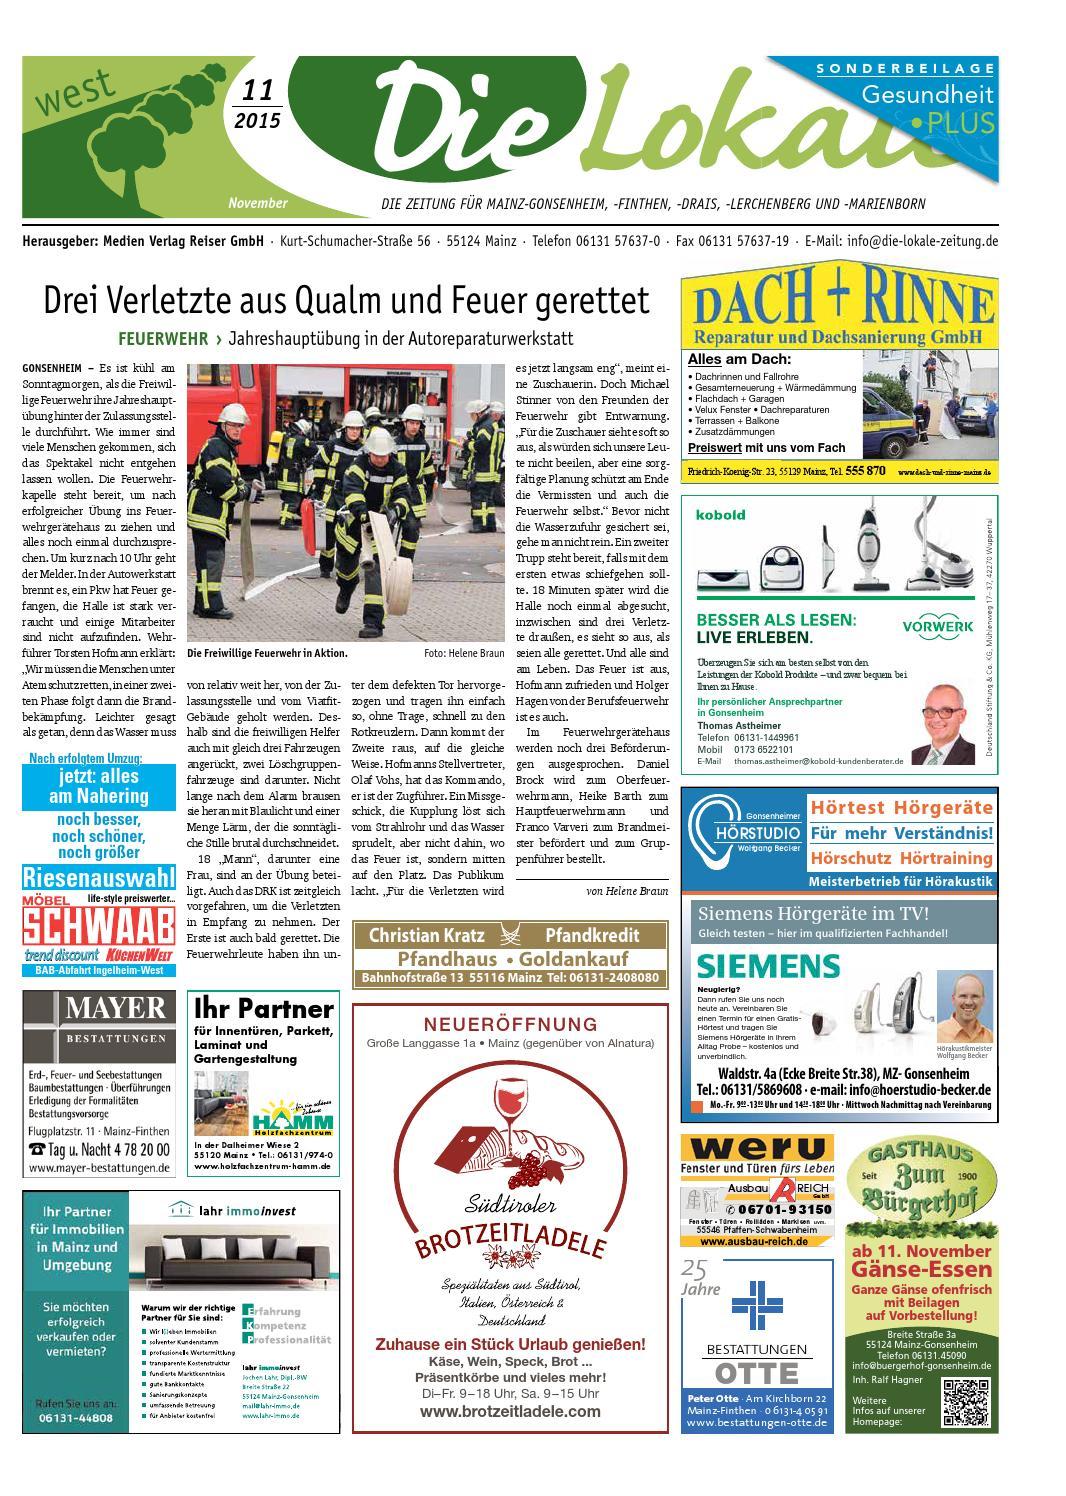 Die Lokale West November 2015 by David Weiß - issuu